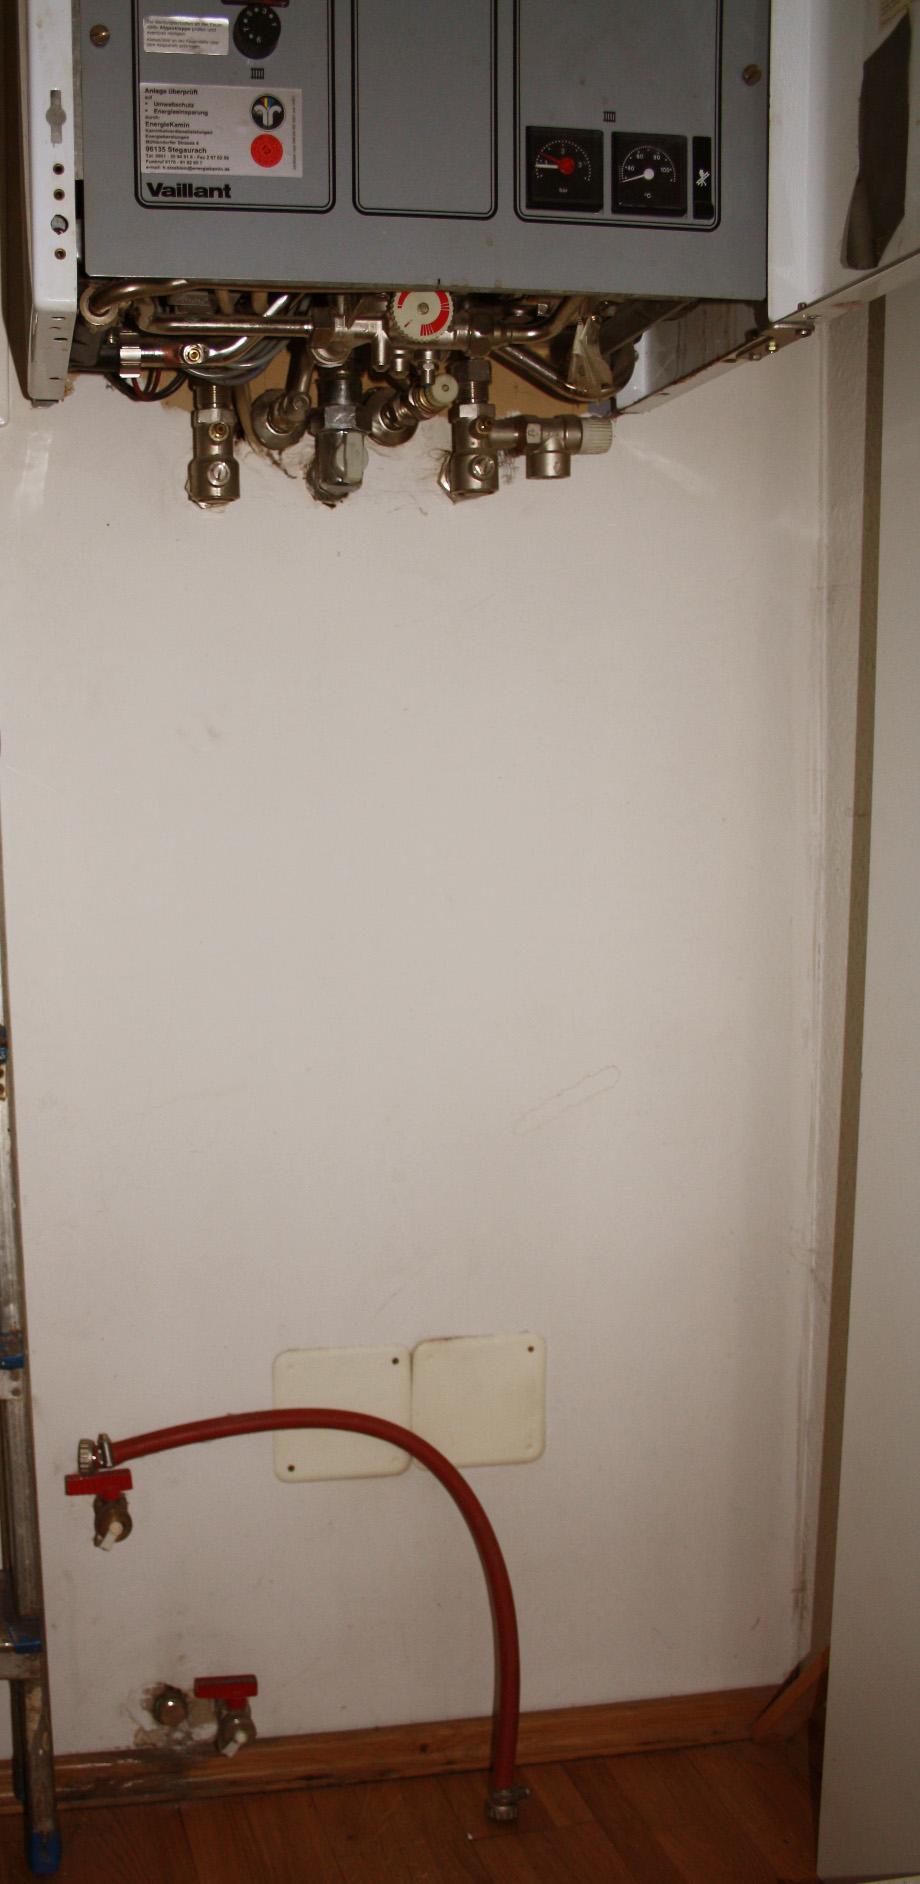 wie ist bei meiner gastherme das wasser nachf llen gedacht heizung vaillant heiztechnik. Black Bedroom Furniture Sets. Home Design Ideas